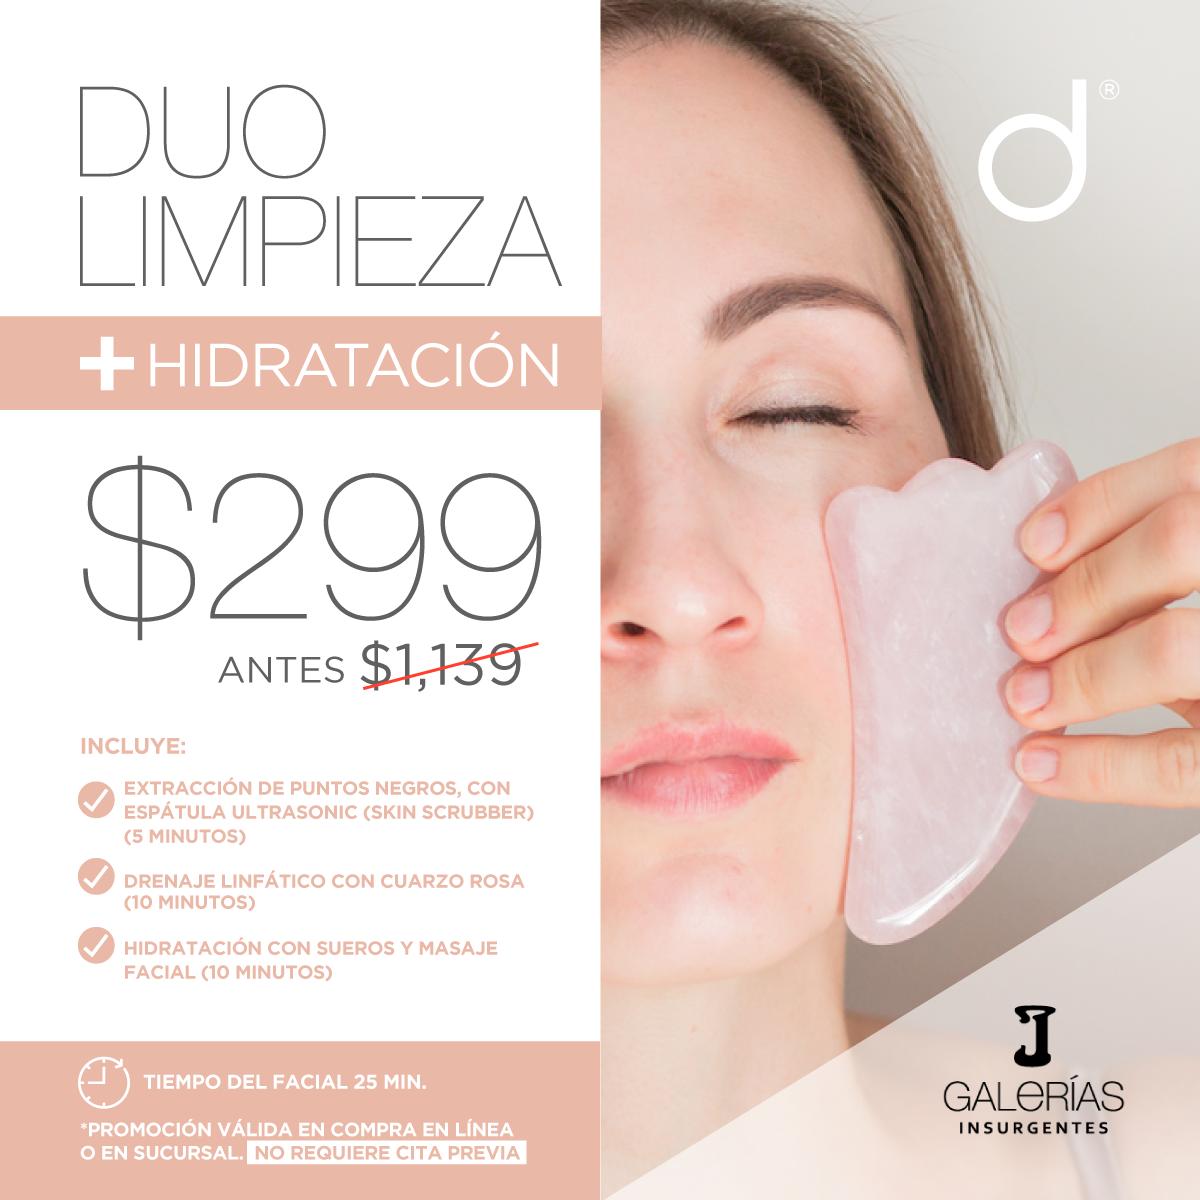 Facial Duo Limpieza + Hidratación- SÓLO GALERÍAS INSURGENTES&w=900&h=900&fit=crop